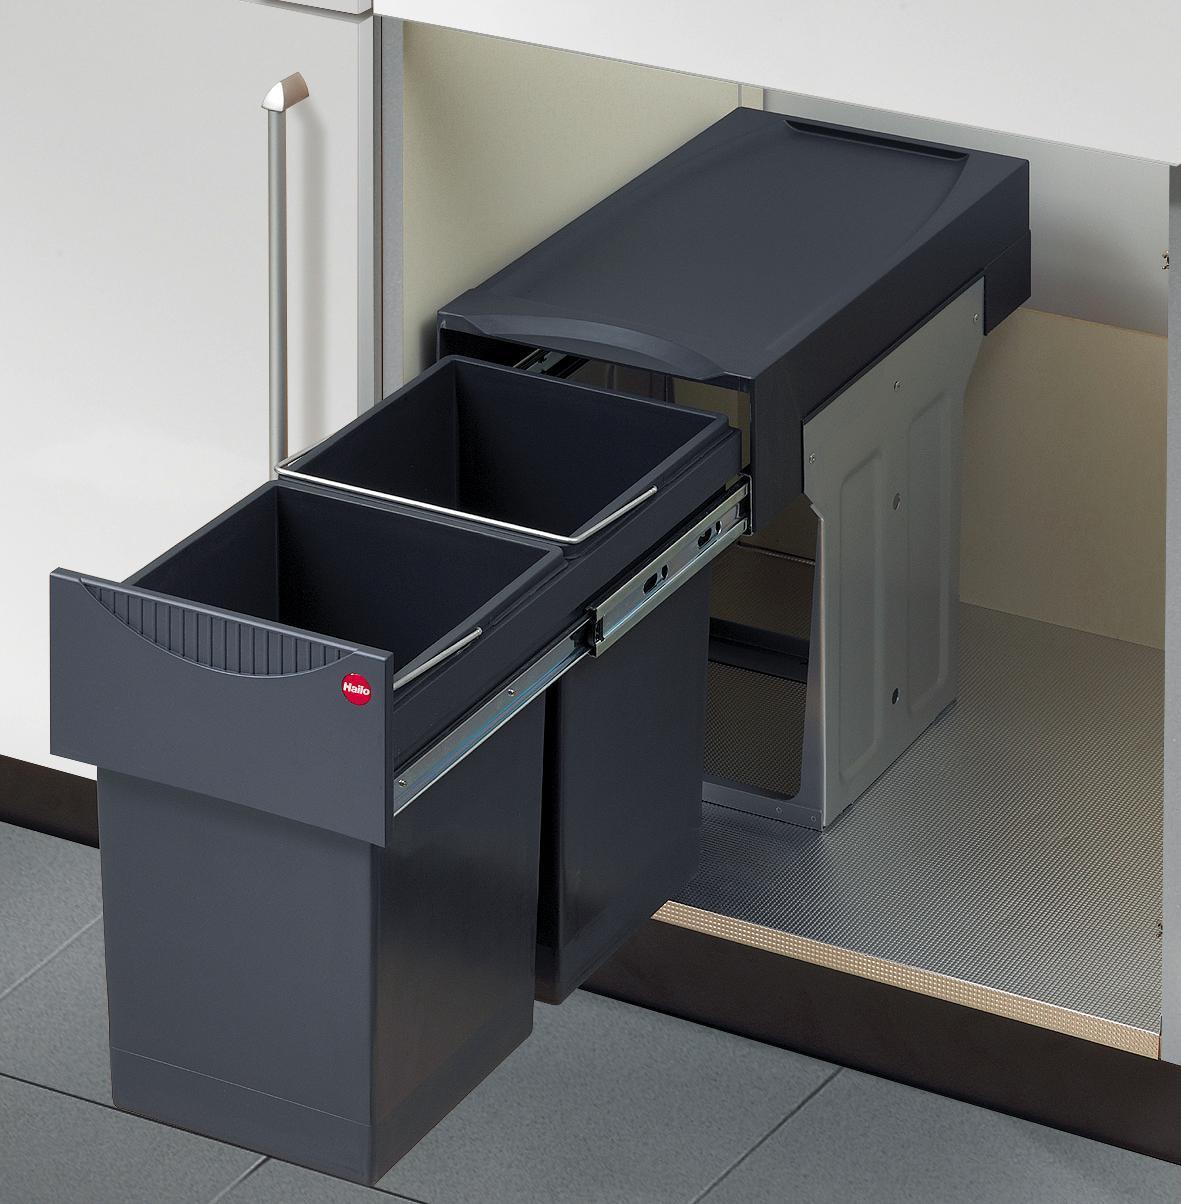 Full Size of Doppel Mülleimer Abfallsammler Mlleimer Online Kaufen Mbelix Küche Einbau Doppelblock Wohnzimmer Doppel Mülleimer